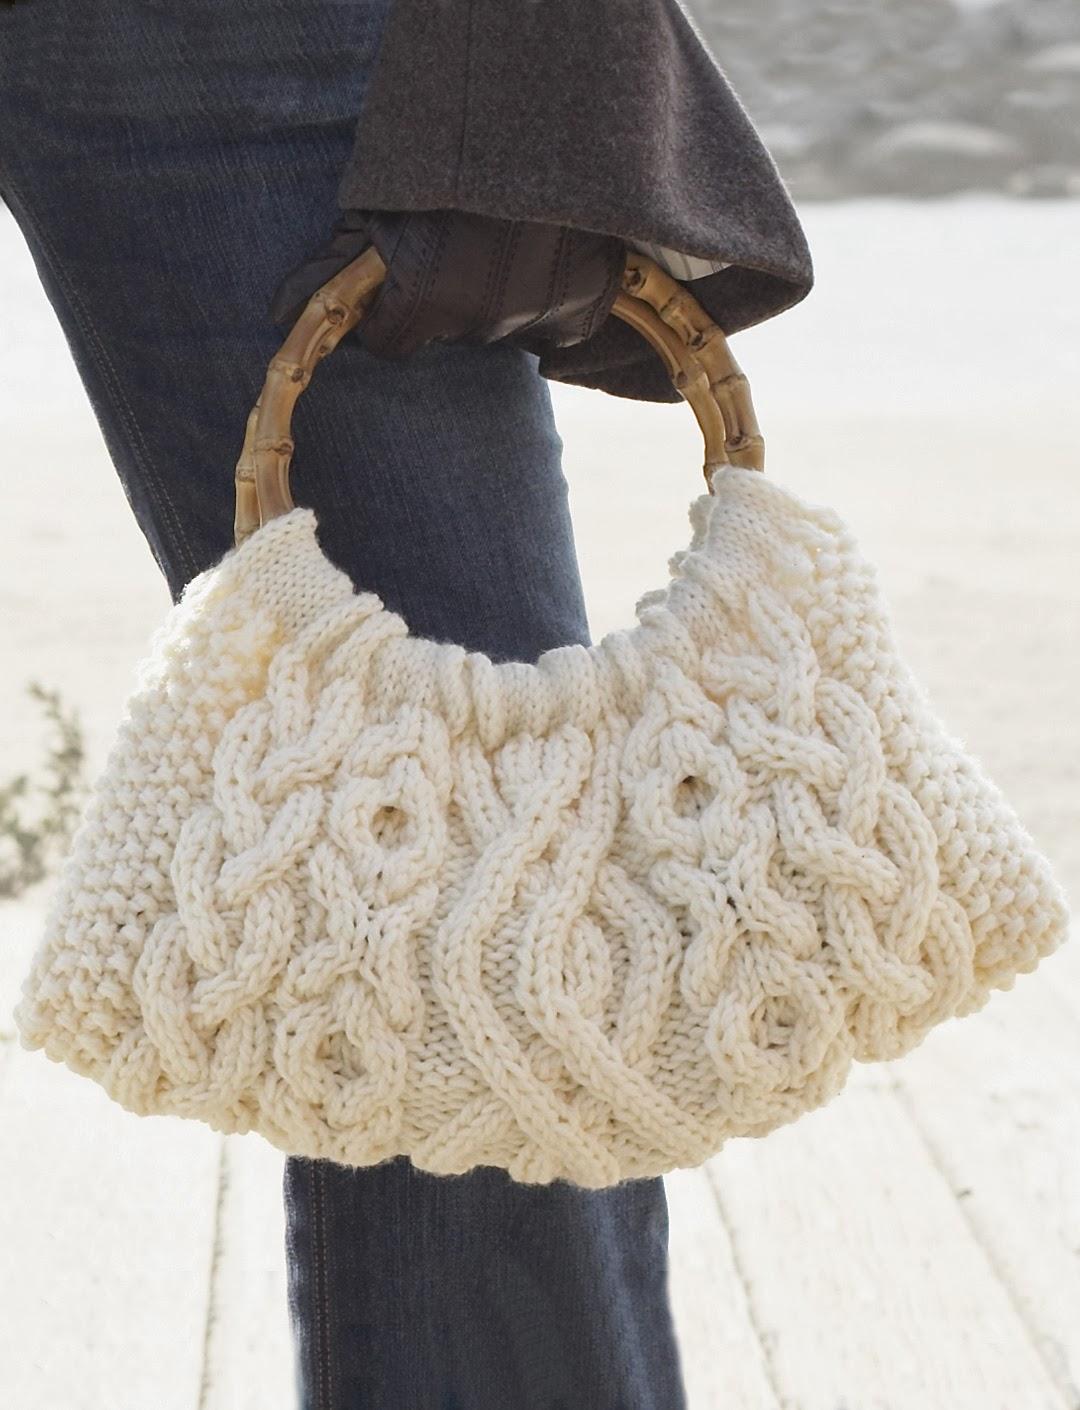 Сумка связана спицами ажурным узором из разных видов кос.  Благодаря белому цвету, такая сумка выглядит элегантно...